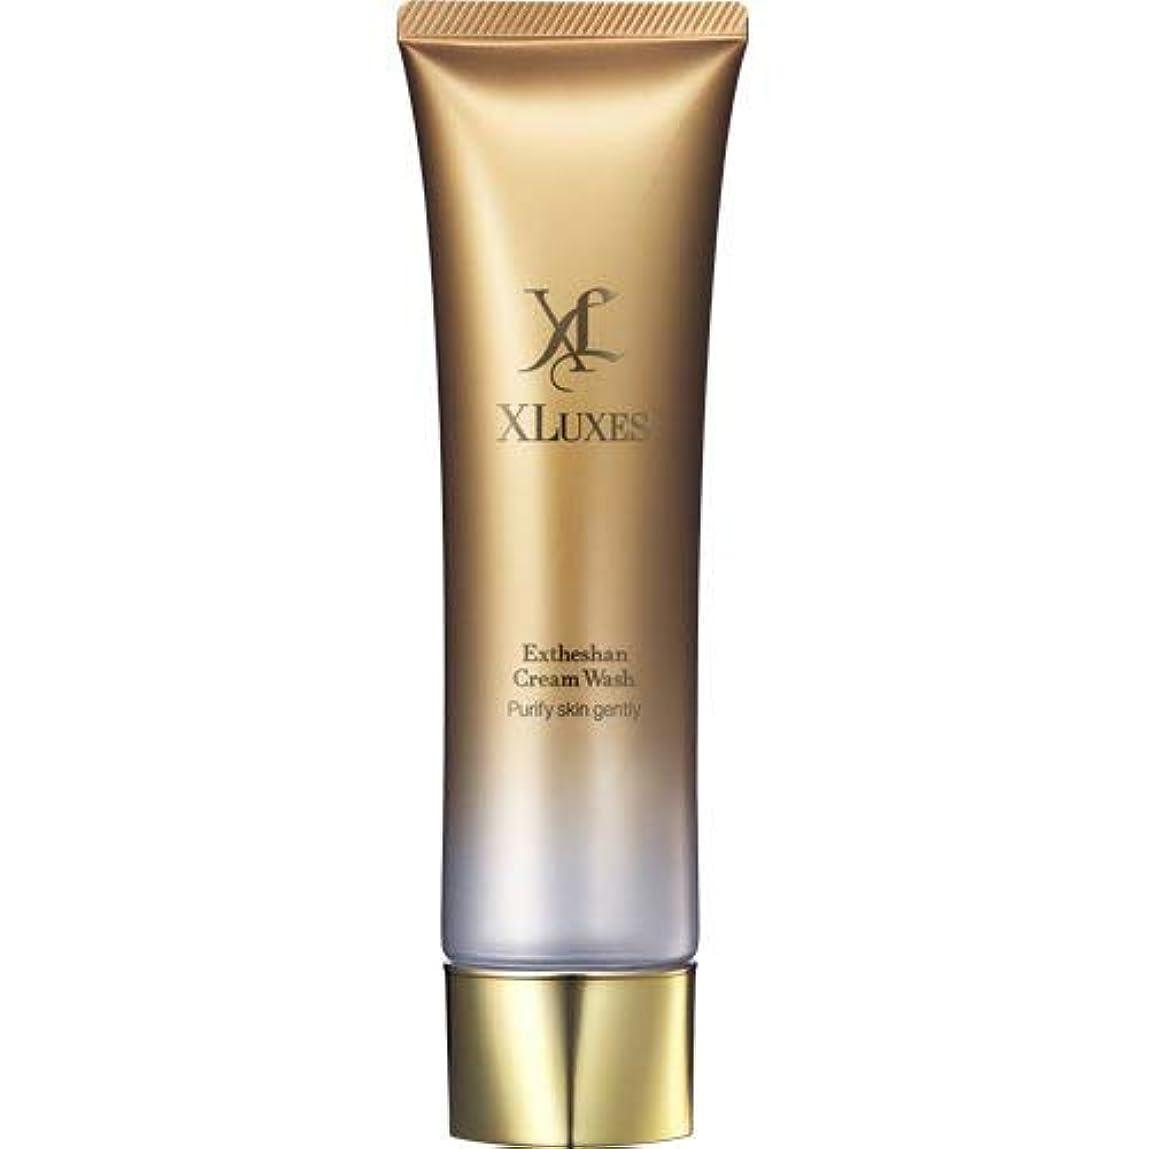 増幅するライン半球XLUXES スキンケア洗顔料 ヒト幹細胞培養液配合 エグゼティシャン クリームウォッシュ